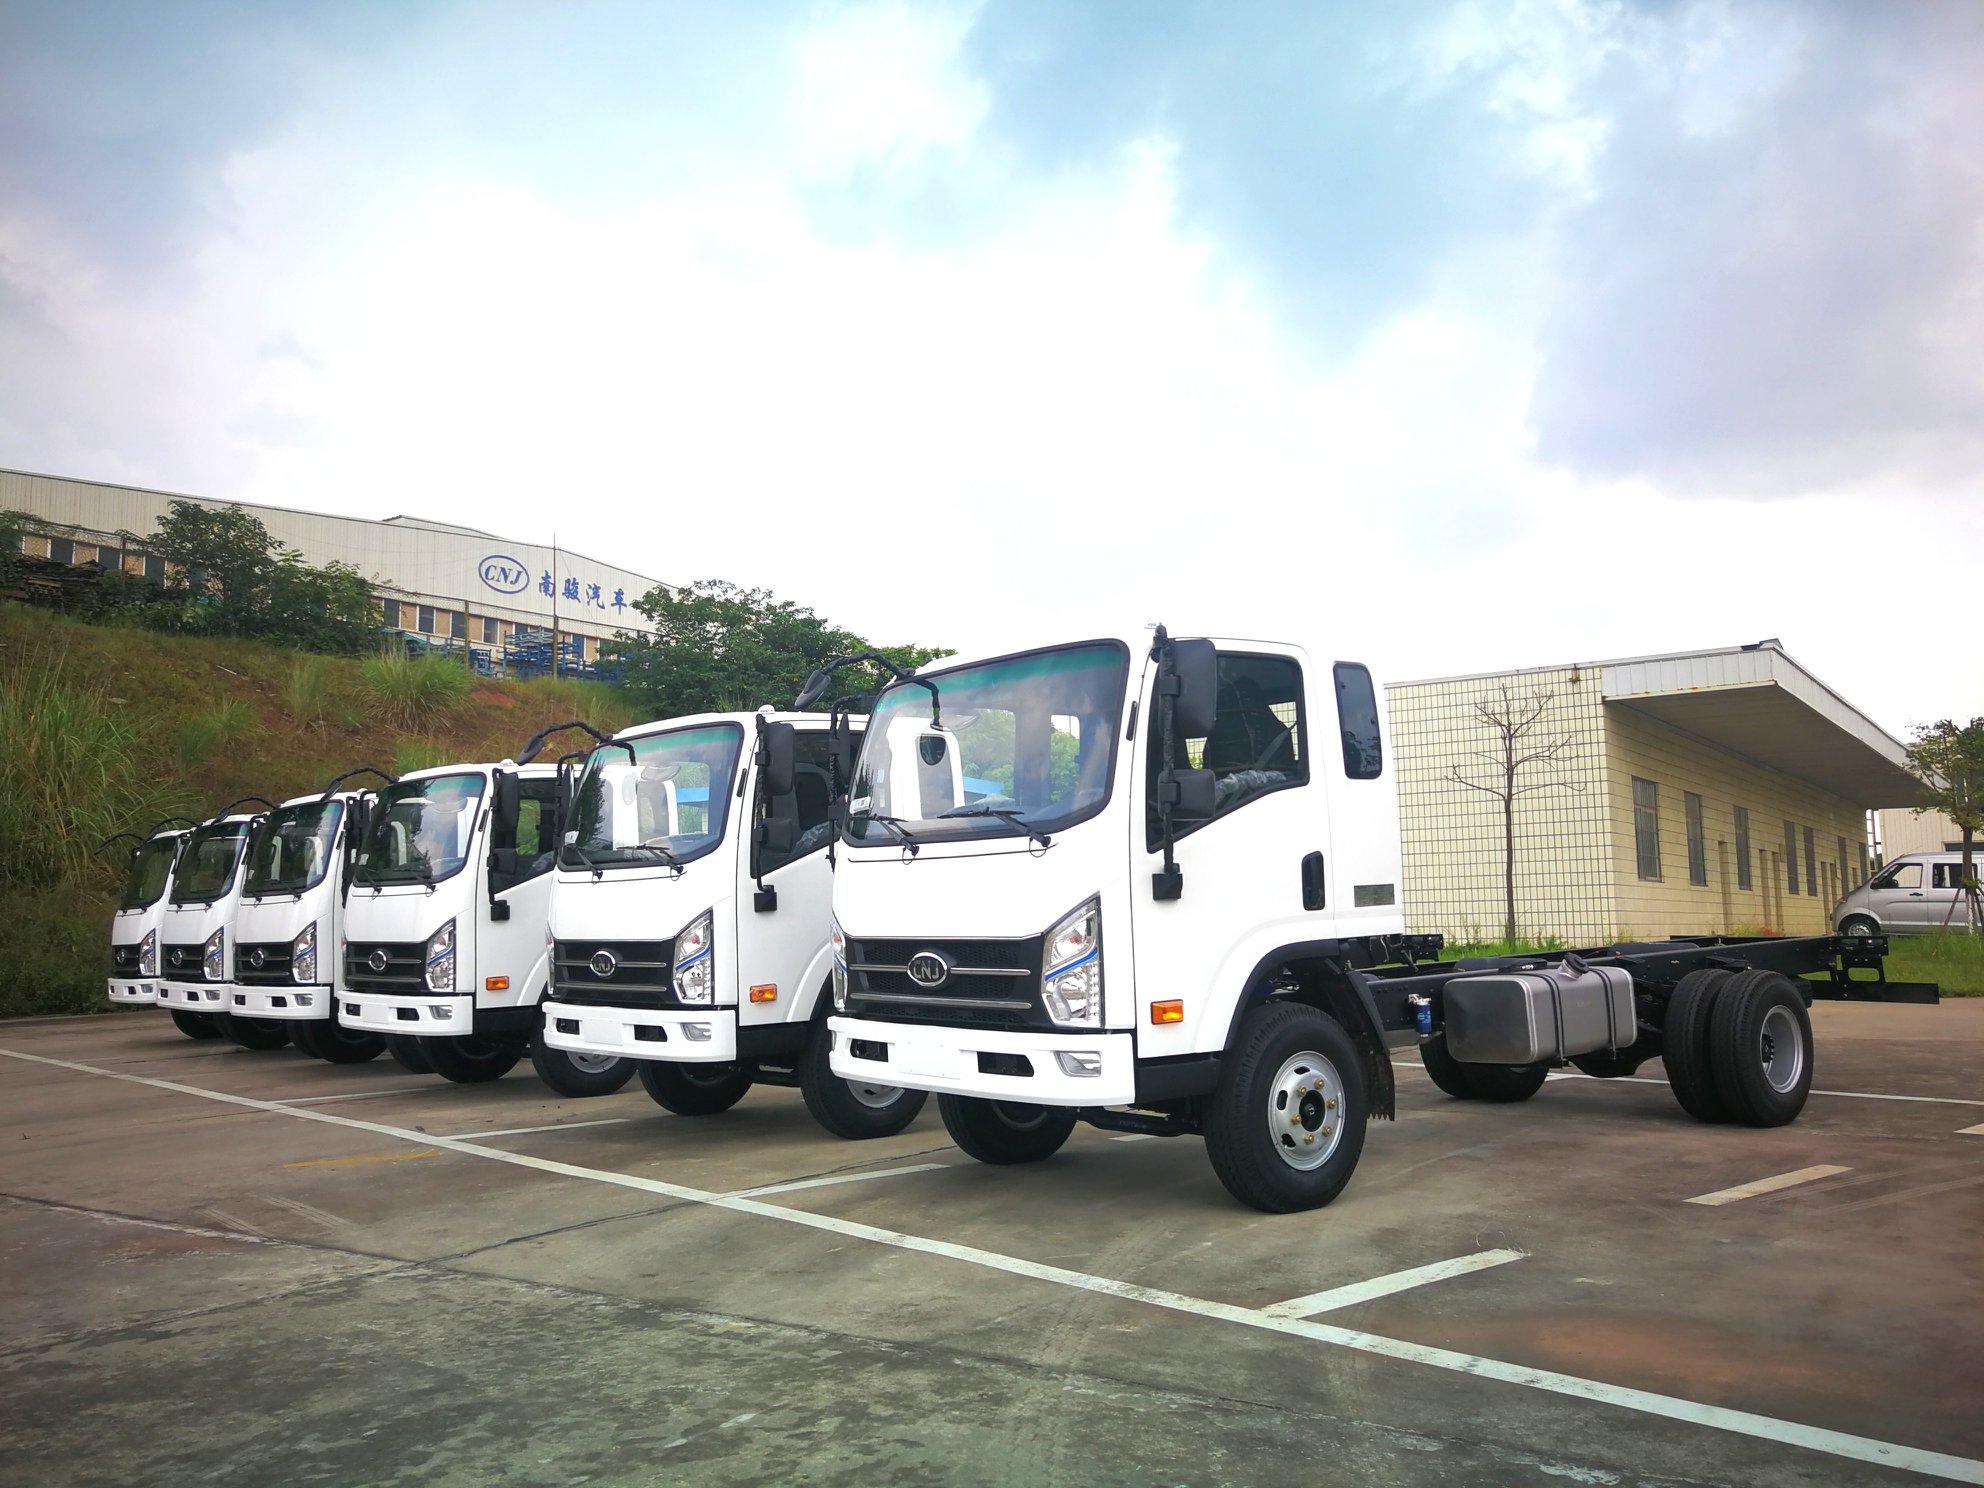 6-eenheden-van-cnj-8-ton-vrachtwagens-met-yuchai-130-pk-diesel-motoren-zijn-onderweg-naar-el-salvador--2-8-2019--1